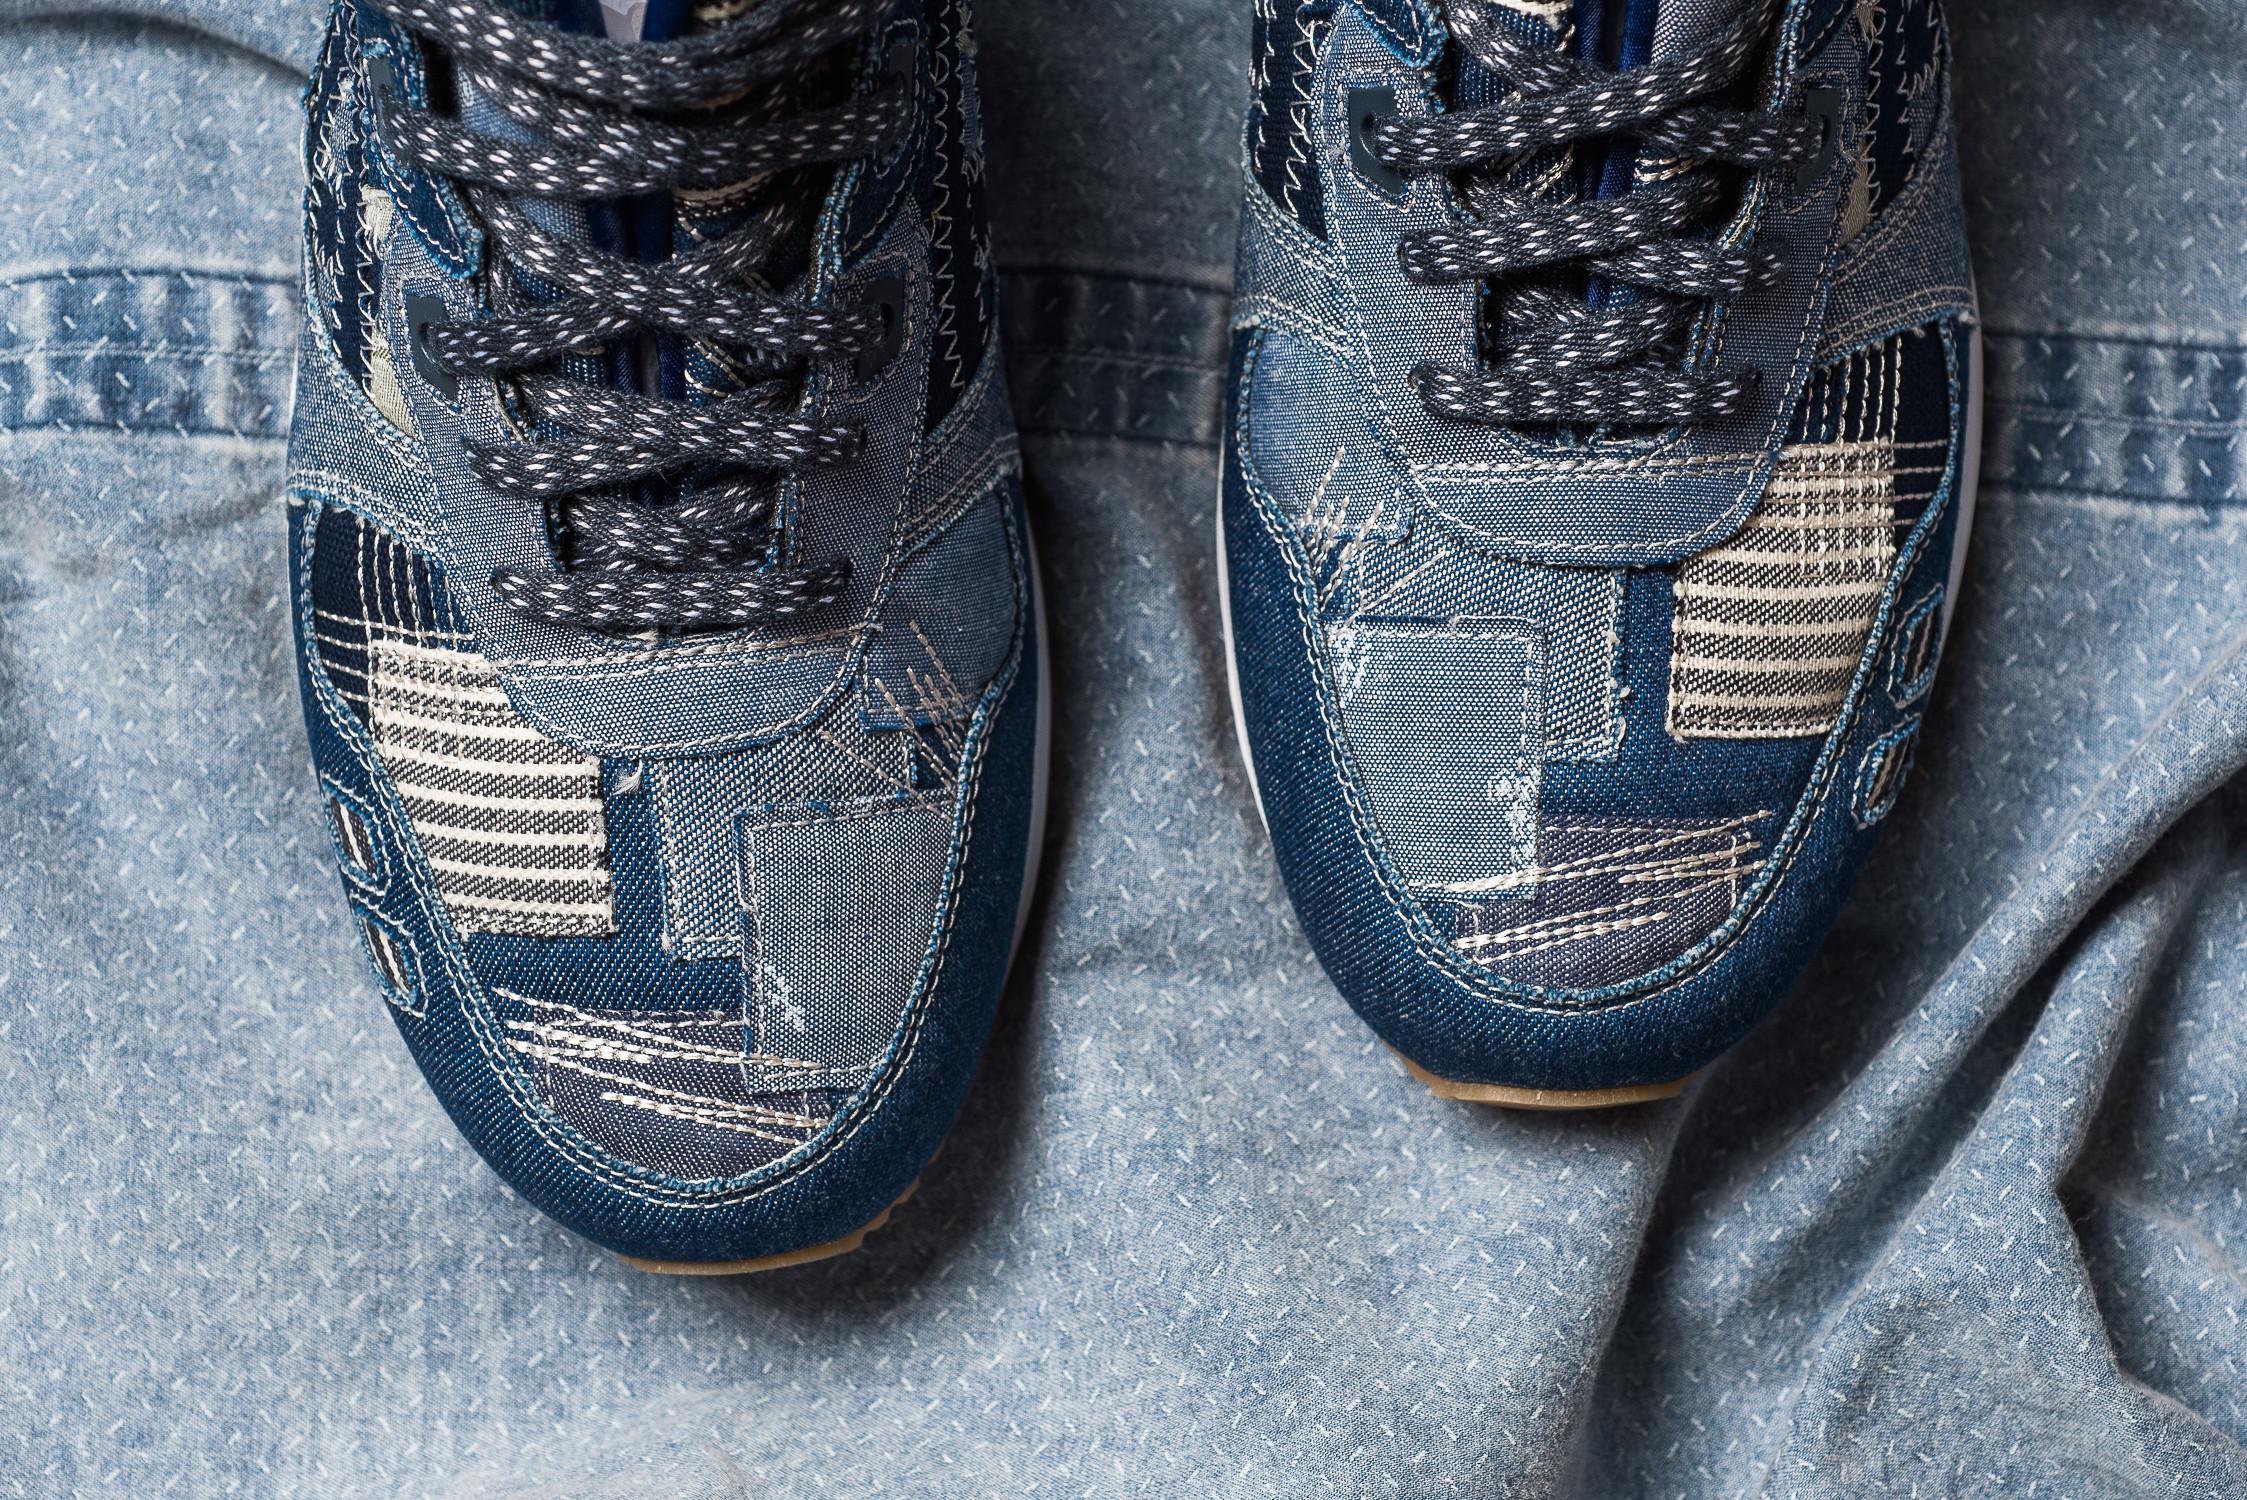 e998cef82f asics gel-lyte iii ranru pack sneaker politics 5 - WearTesters